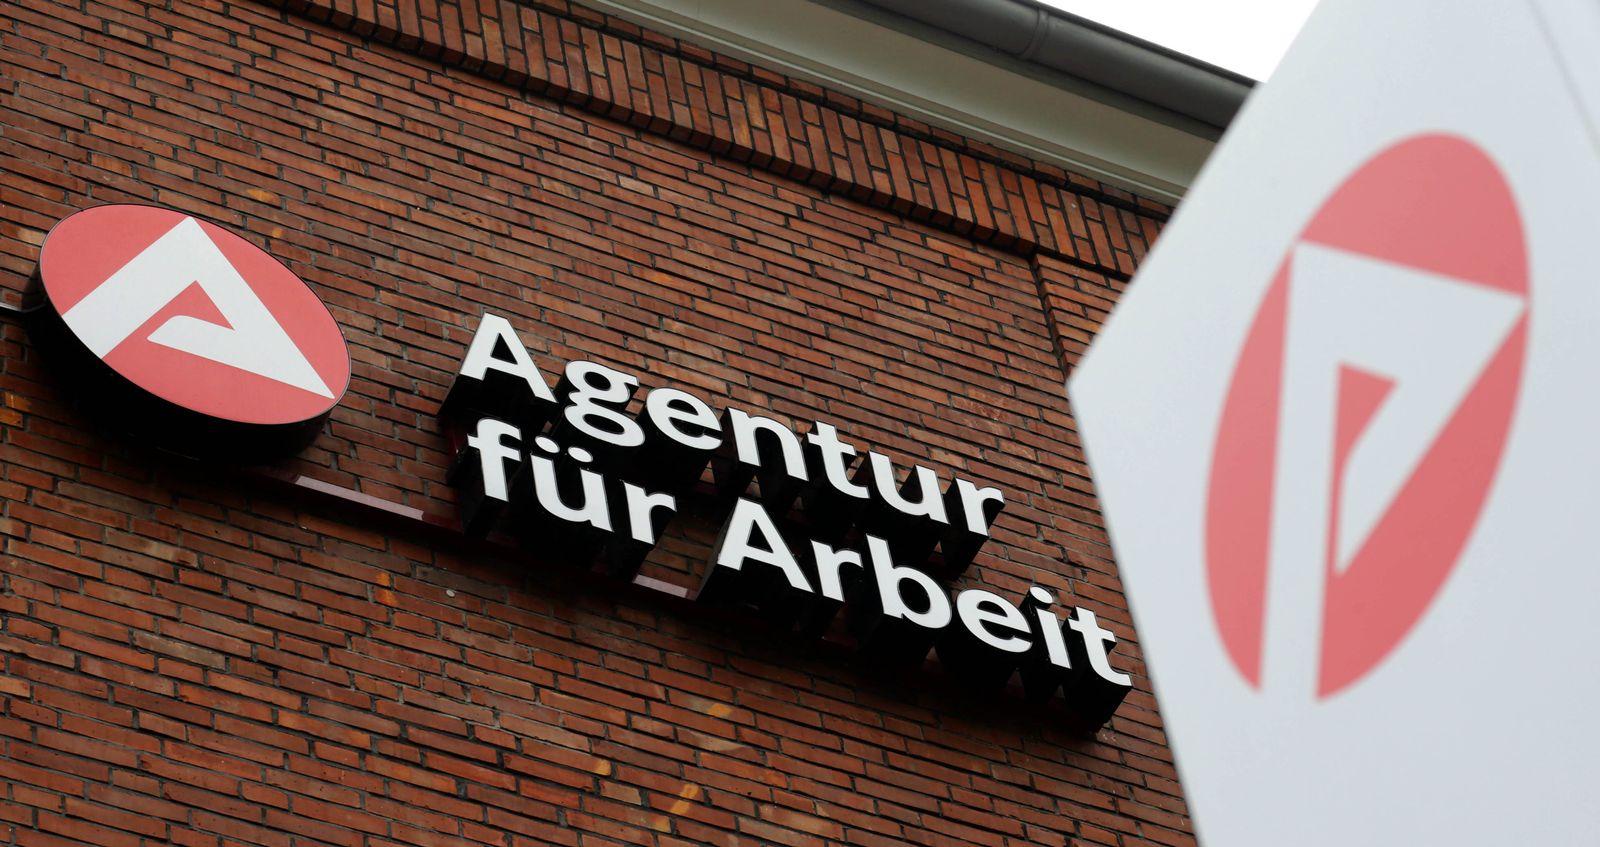 Agentur für Arbeit / Arbeitslosigkeit / Arbeitsagentur / Hartz-IV / Agenda 2010 / Bundesagentur für Arbeit / Arbeitslose